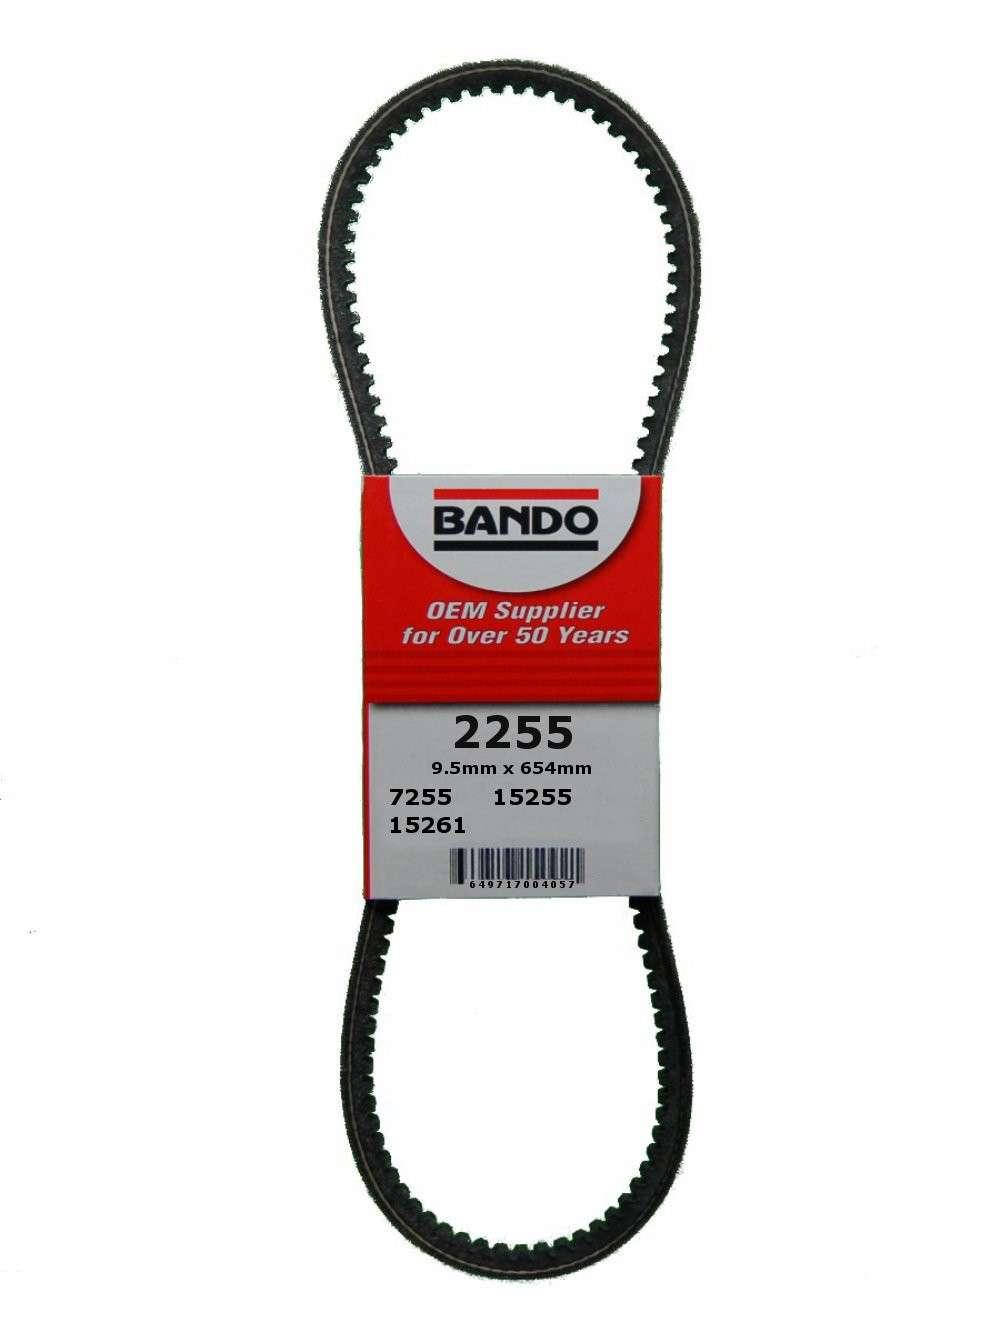 BANDO - Accessory Drive Belt - BWO 2255